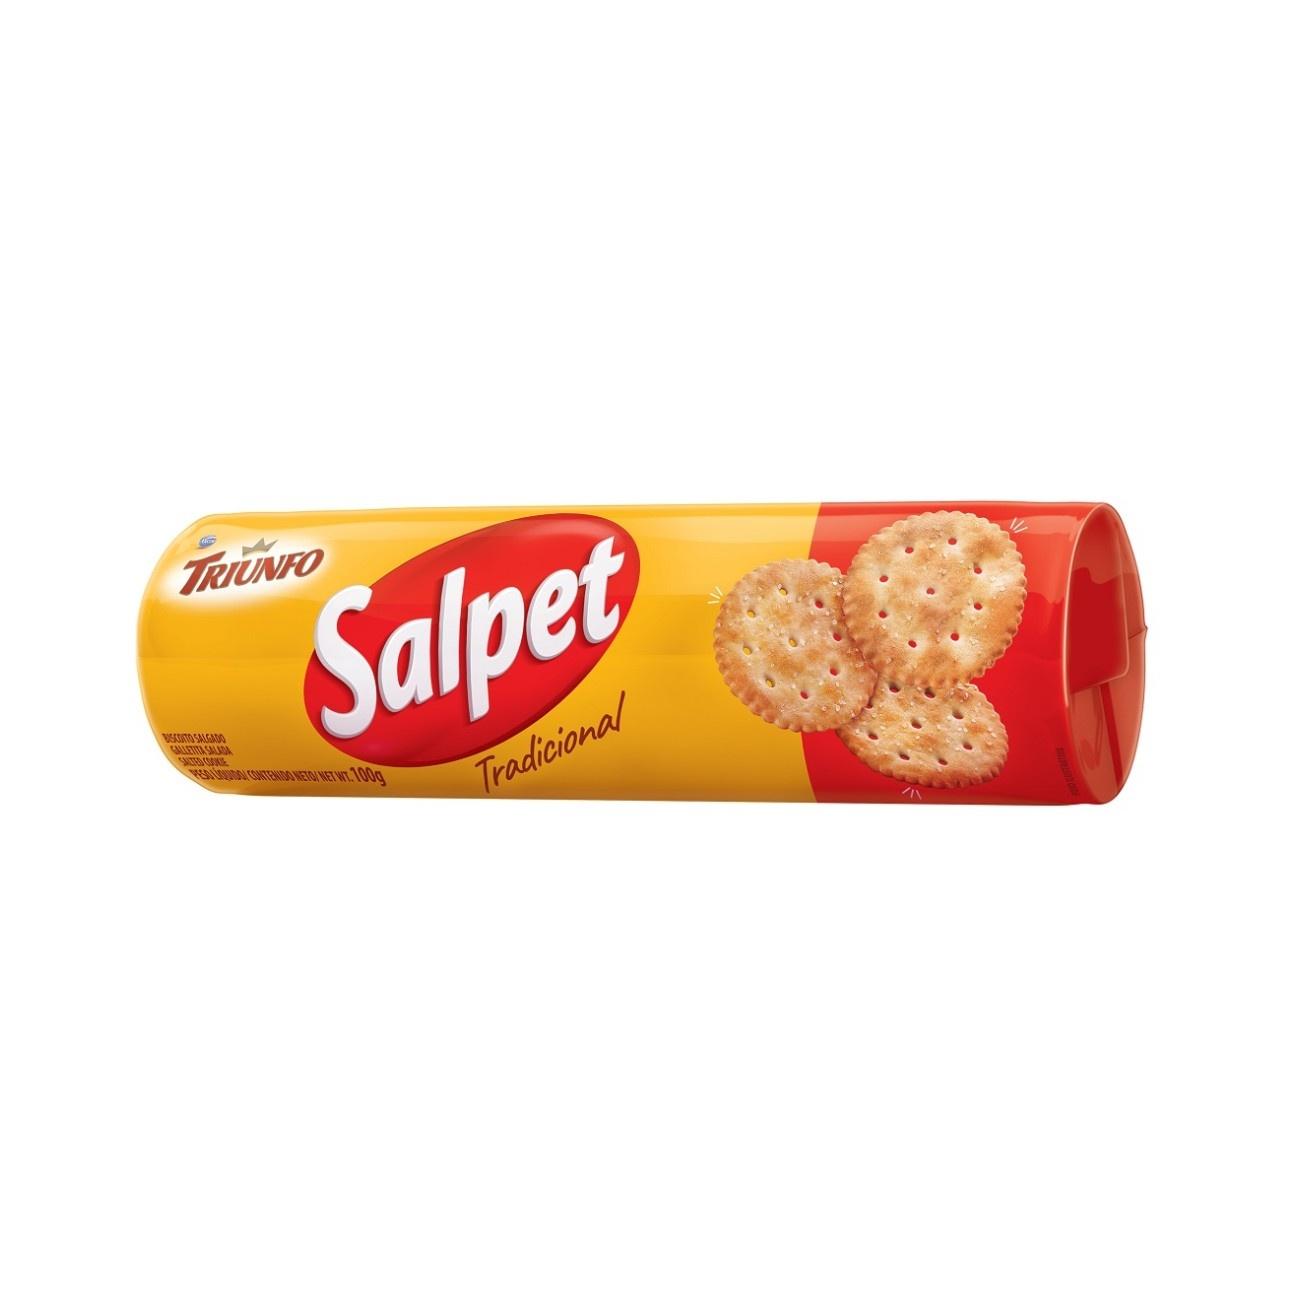 Biscoito Triunfo Salpet 100g